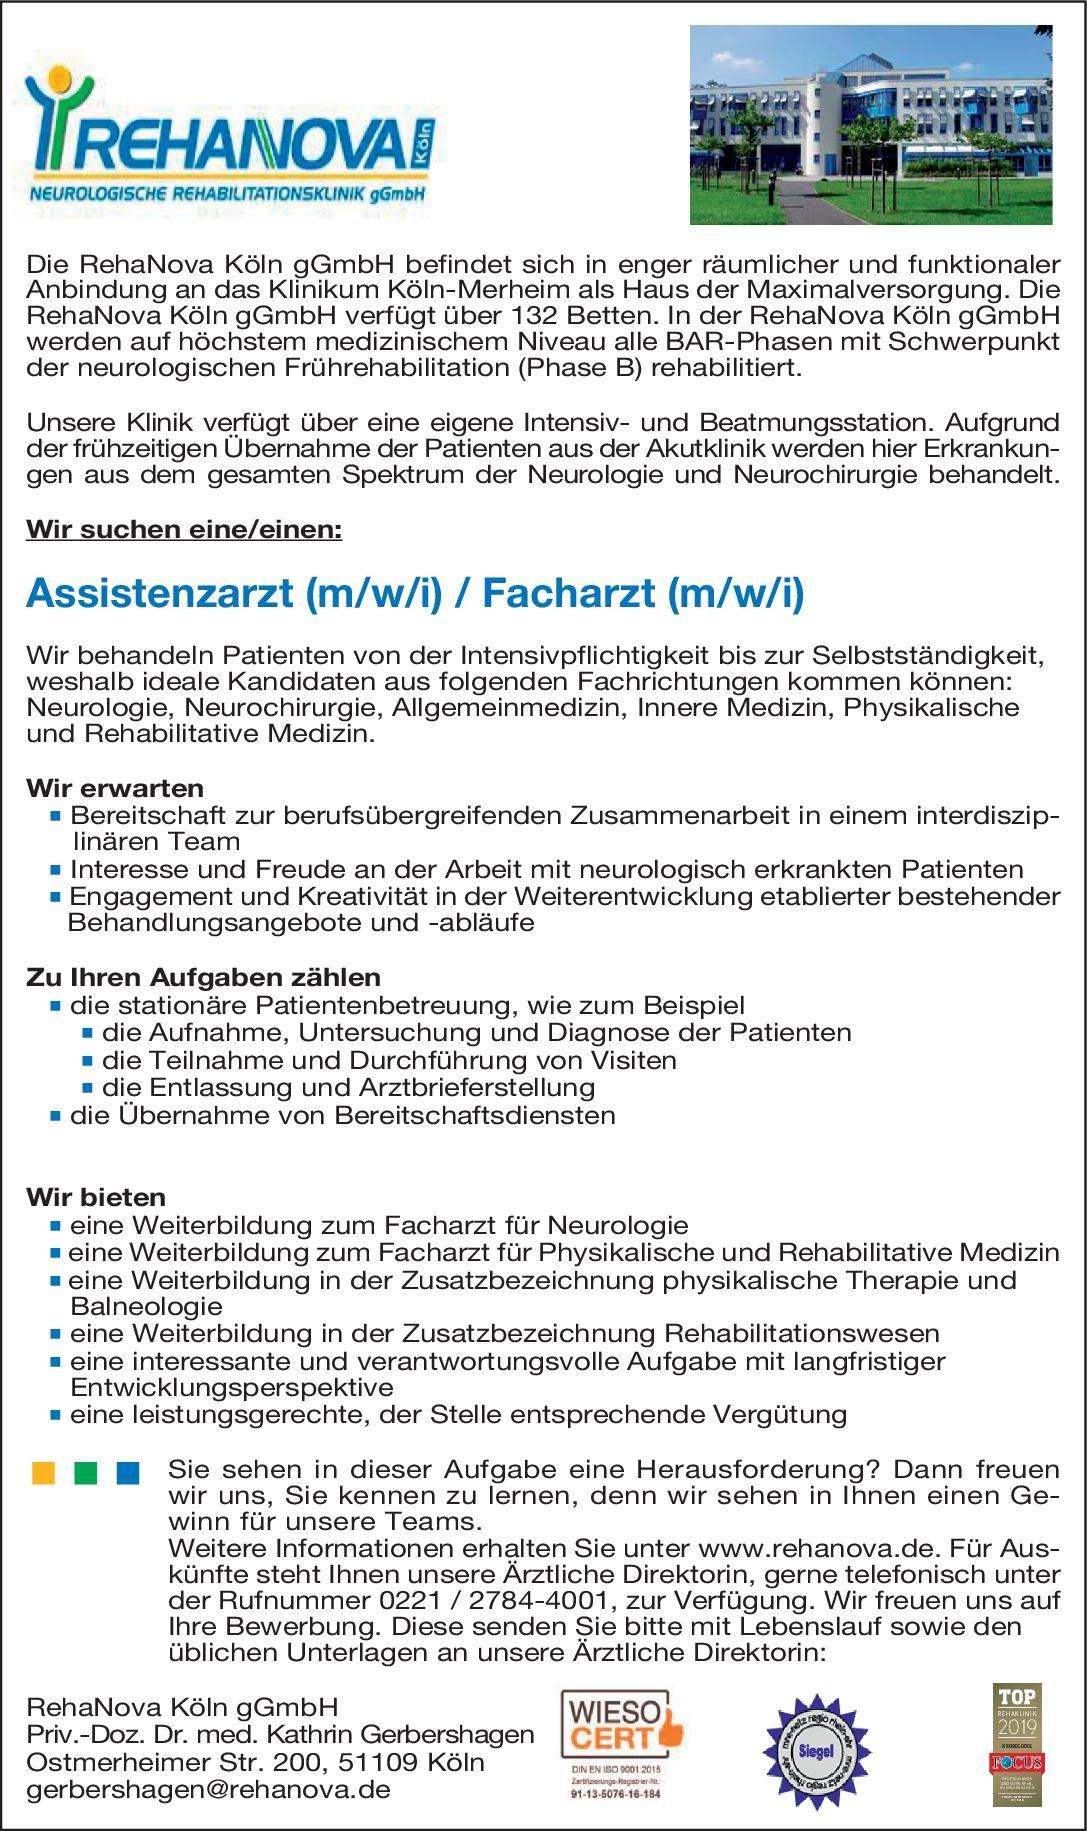 RehaNova Köln gGmbH Assistenzarzt (m/w/i) / Facharzt (m/w/i) Allgemeinmedizin, Anästhesiologie / Intensivmedizin, Innere Medizin Arzt / Facharzt, Assistenzarzt / Arzt in Weiterbildung